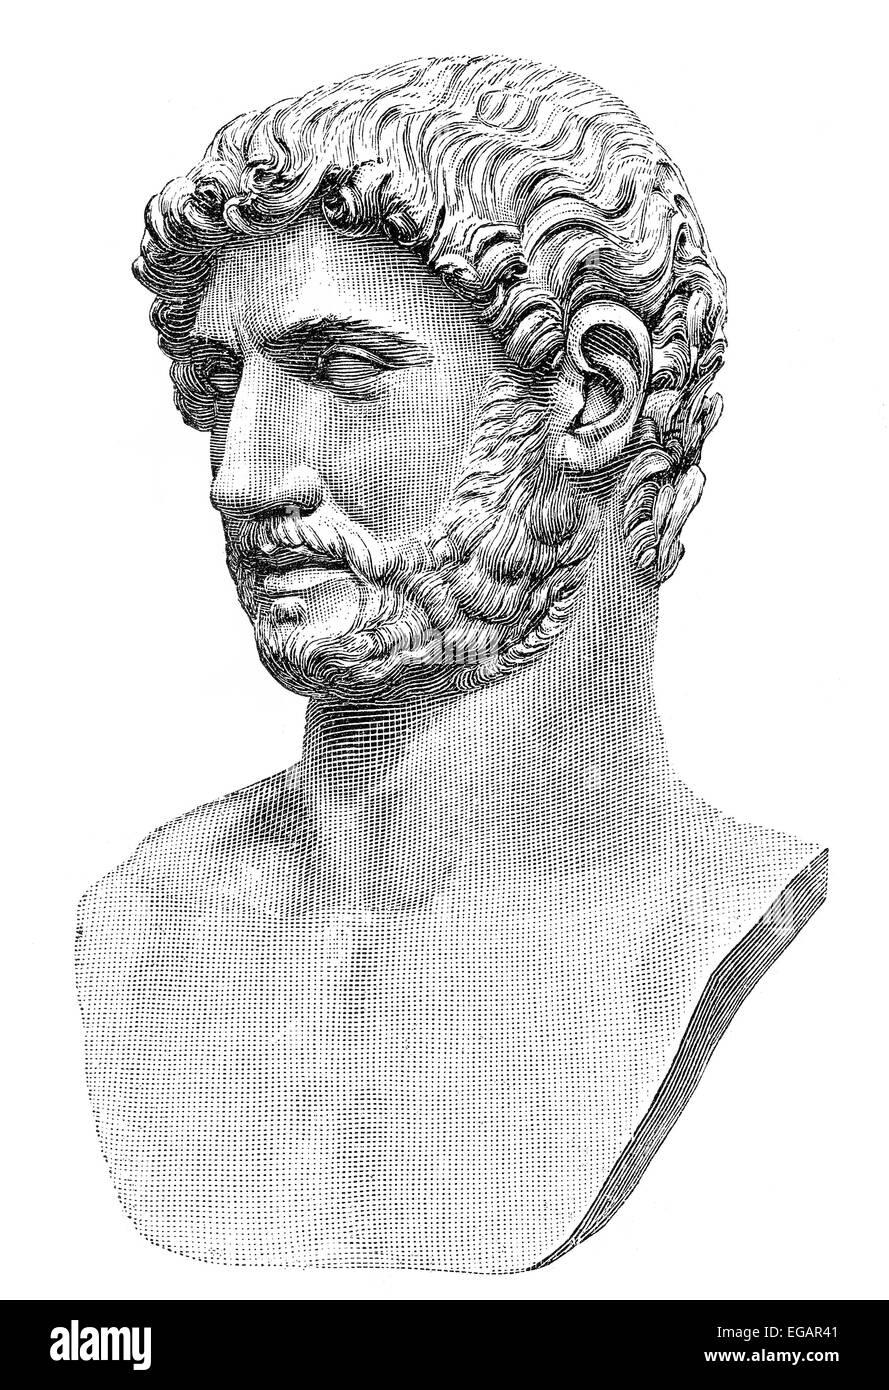 Hadrian or Publius Aelius Hadrianus Augustus, 76 - 138, Roman emperor from 117 to 138, - Stock Image